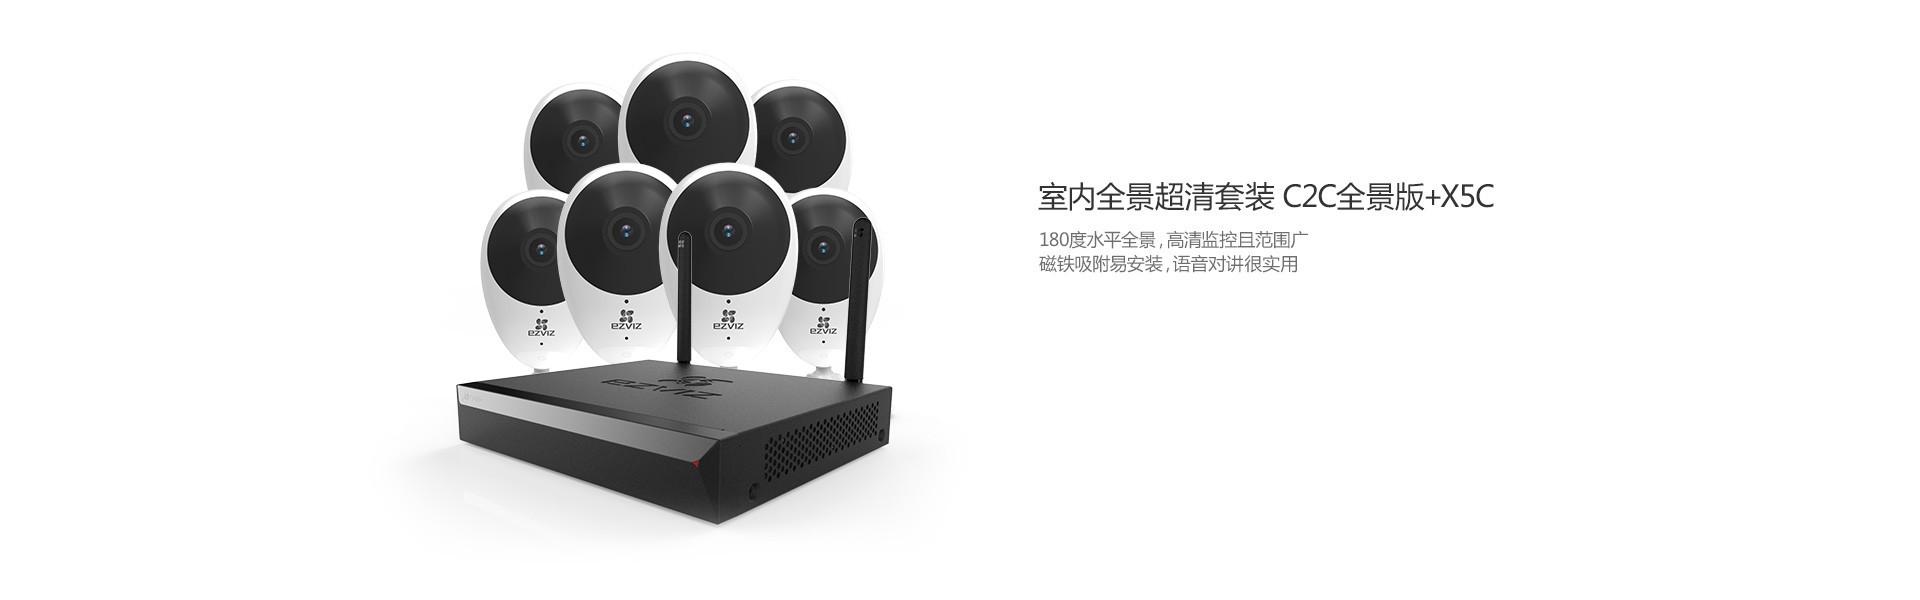 C2C+X5C-PC.jpg